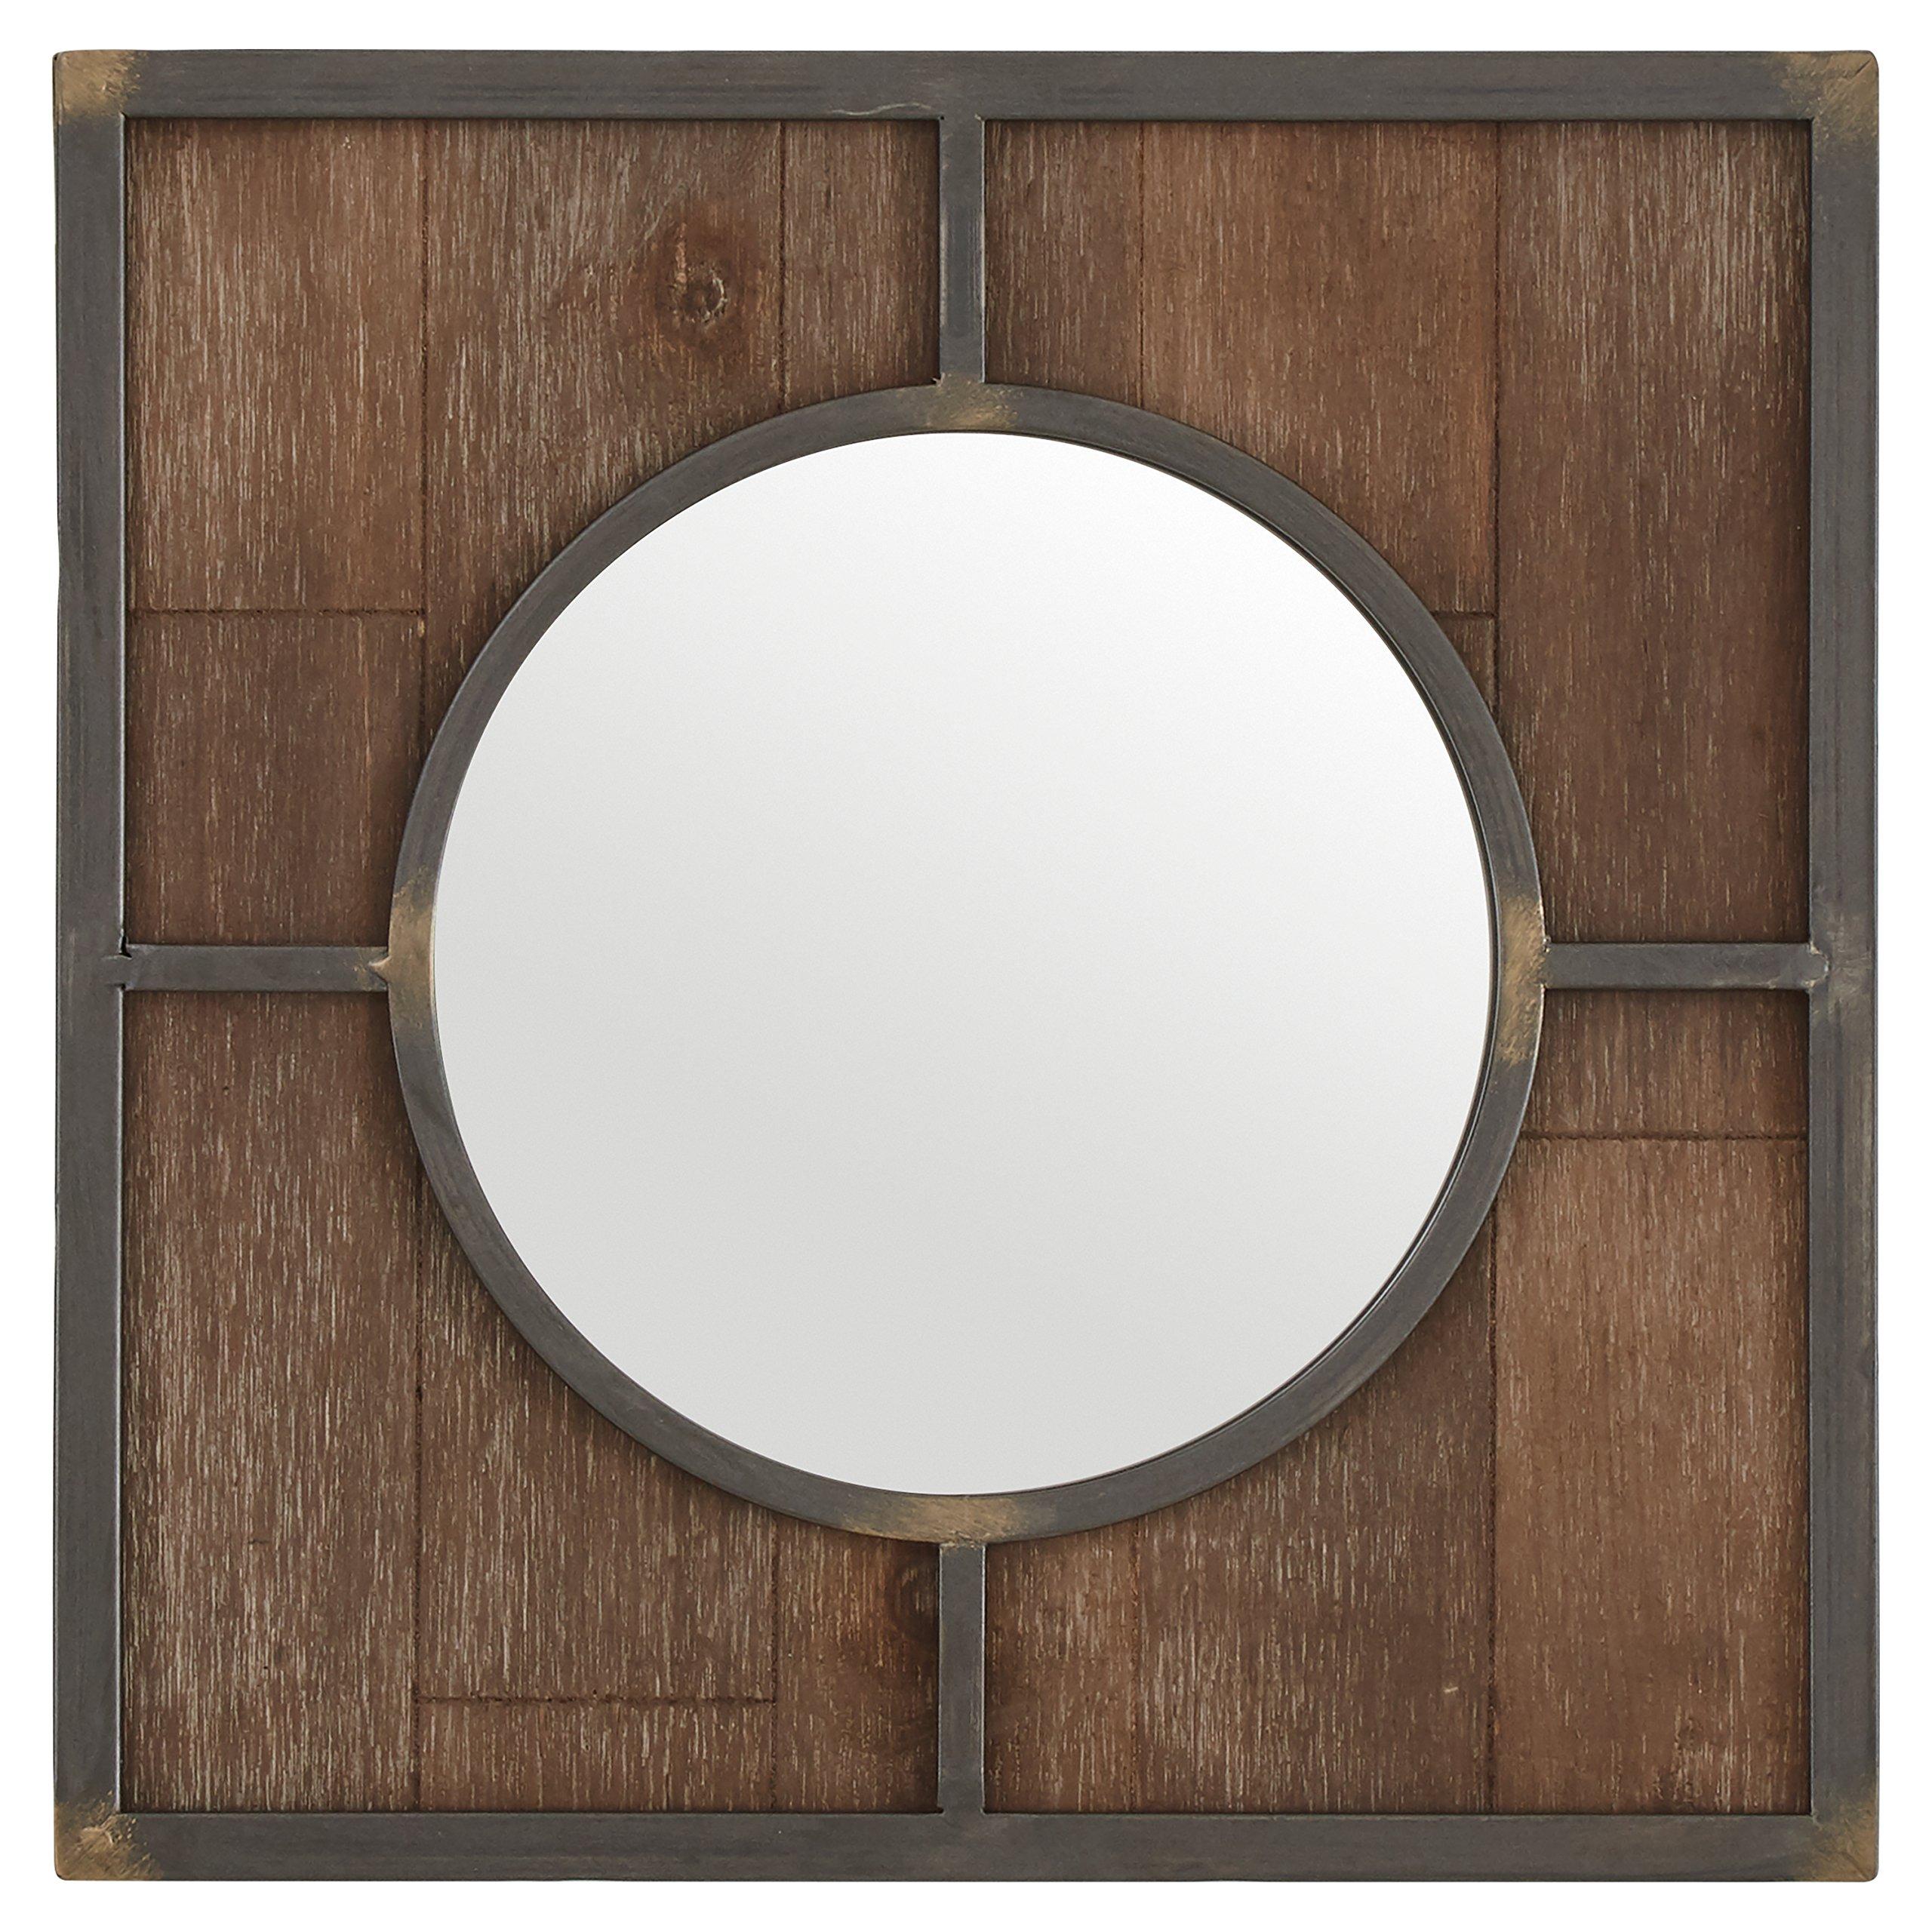 Stone & Beam Round Wood Quadrant Mirror, 15''H, Dark Wood Finish by Stone & Beam (Image #1)